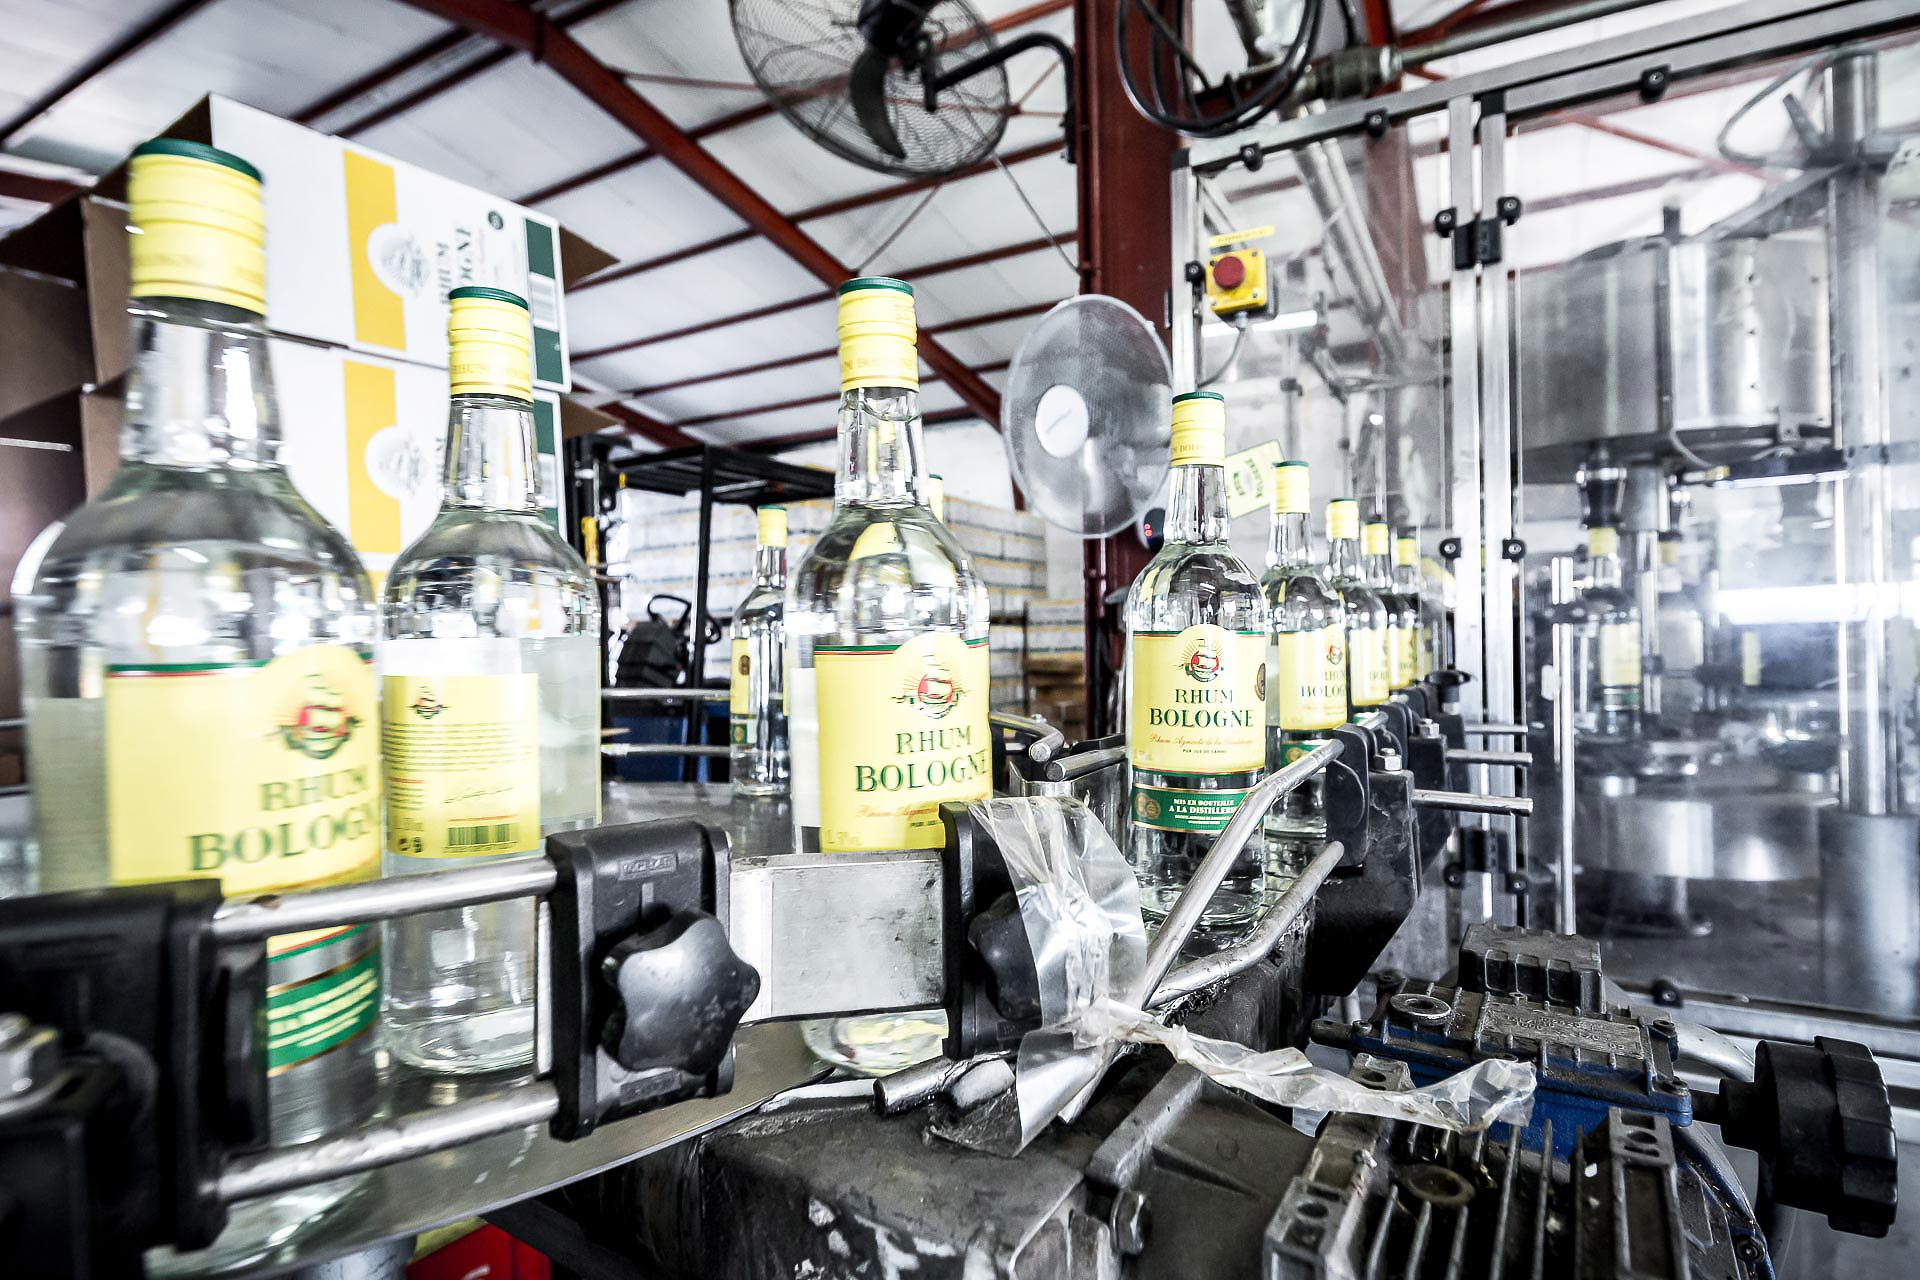 distillerie_bologne_julien-cresp_hd-15